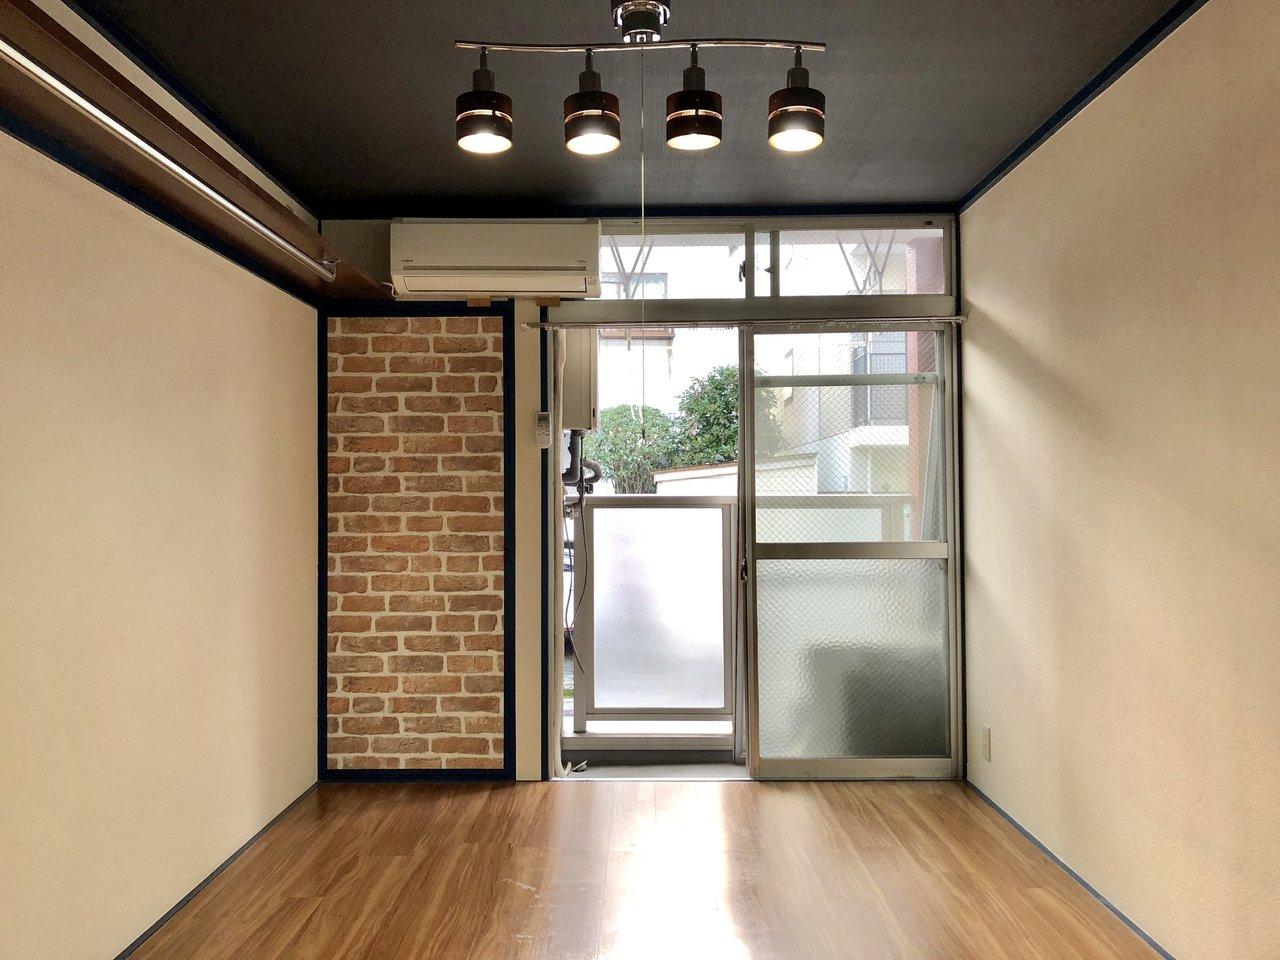 ひとり暮らし3万円台!かなりお得な1Kのお部屋です。室内はフローリング、壁紙なども張り替えられていて綺麗。